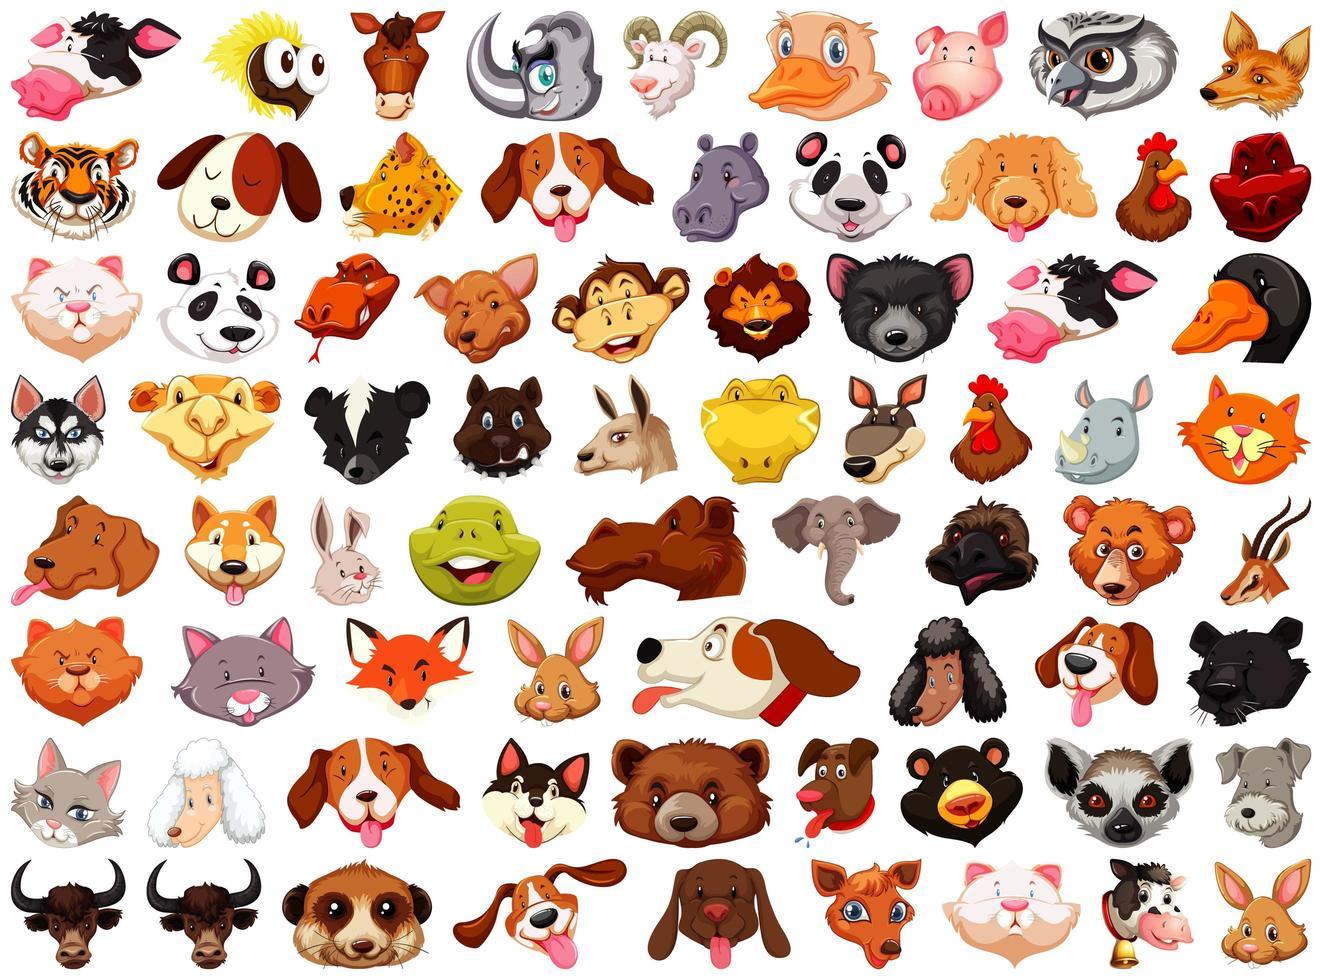 uppsättning av olika söta tecknade djur vektor